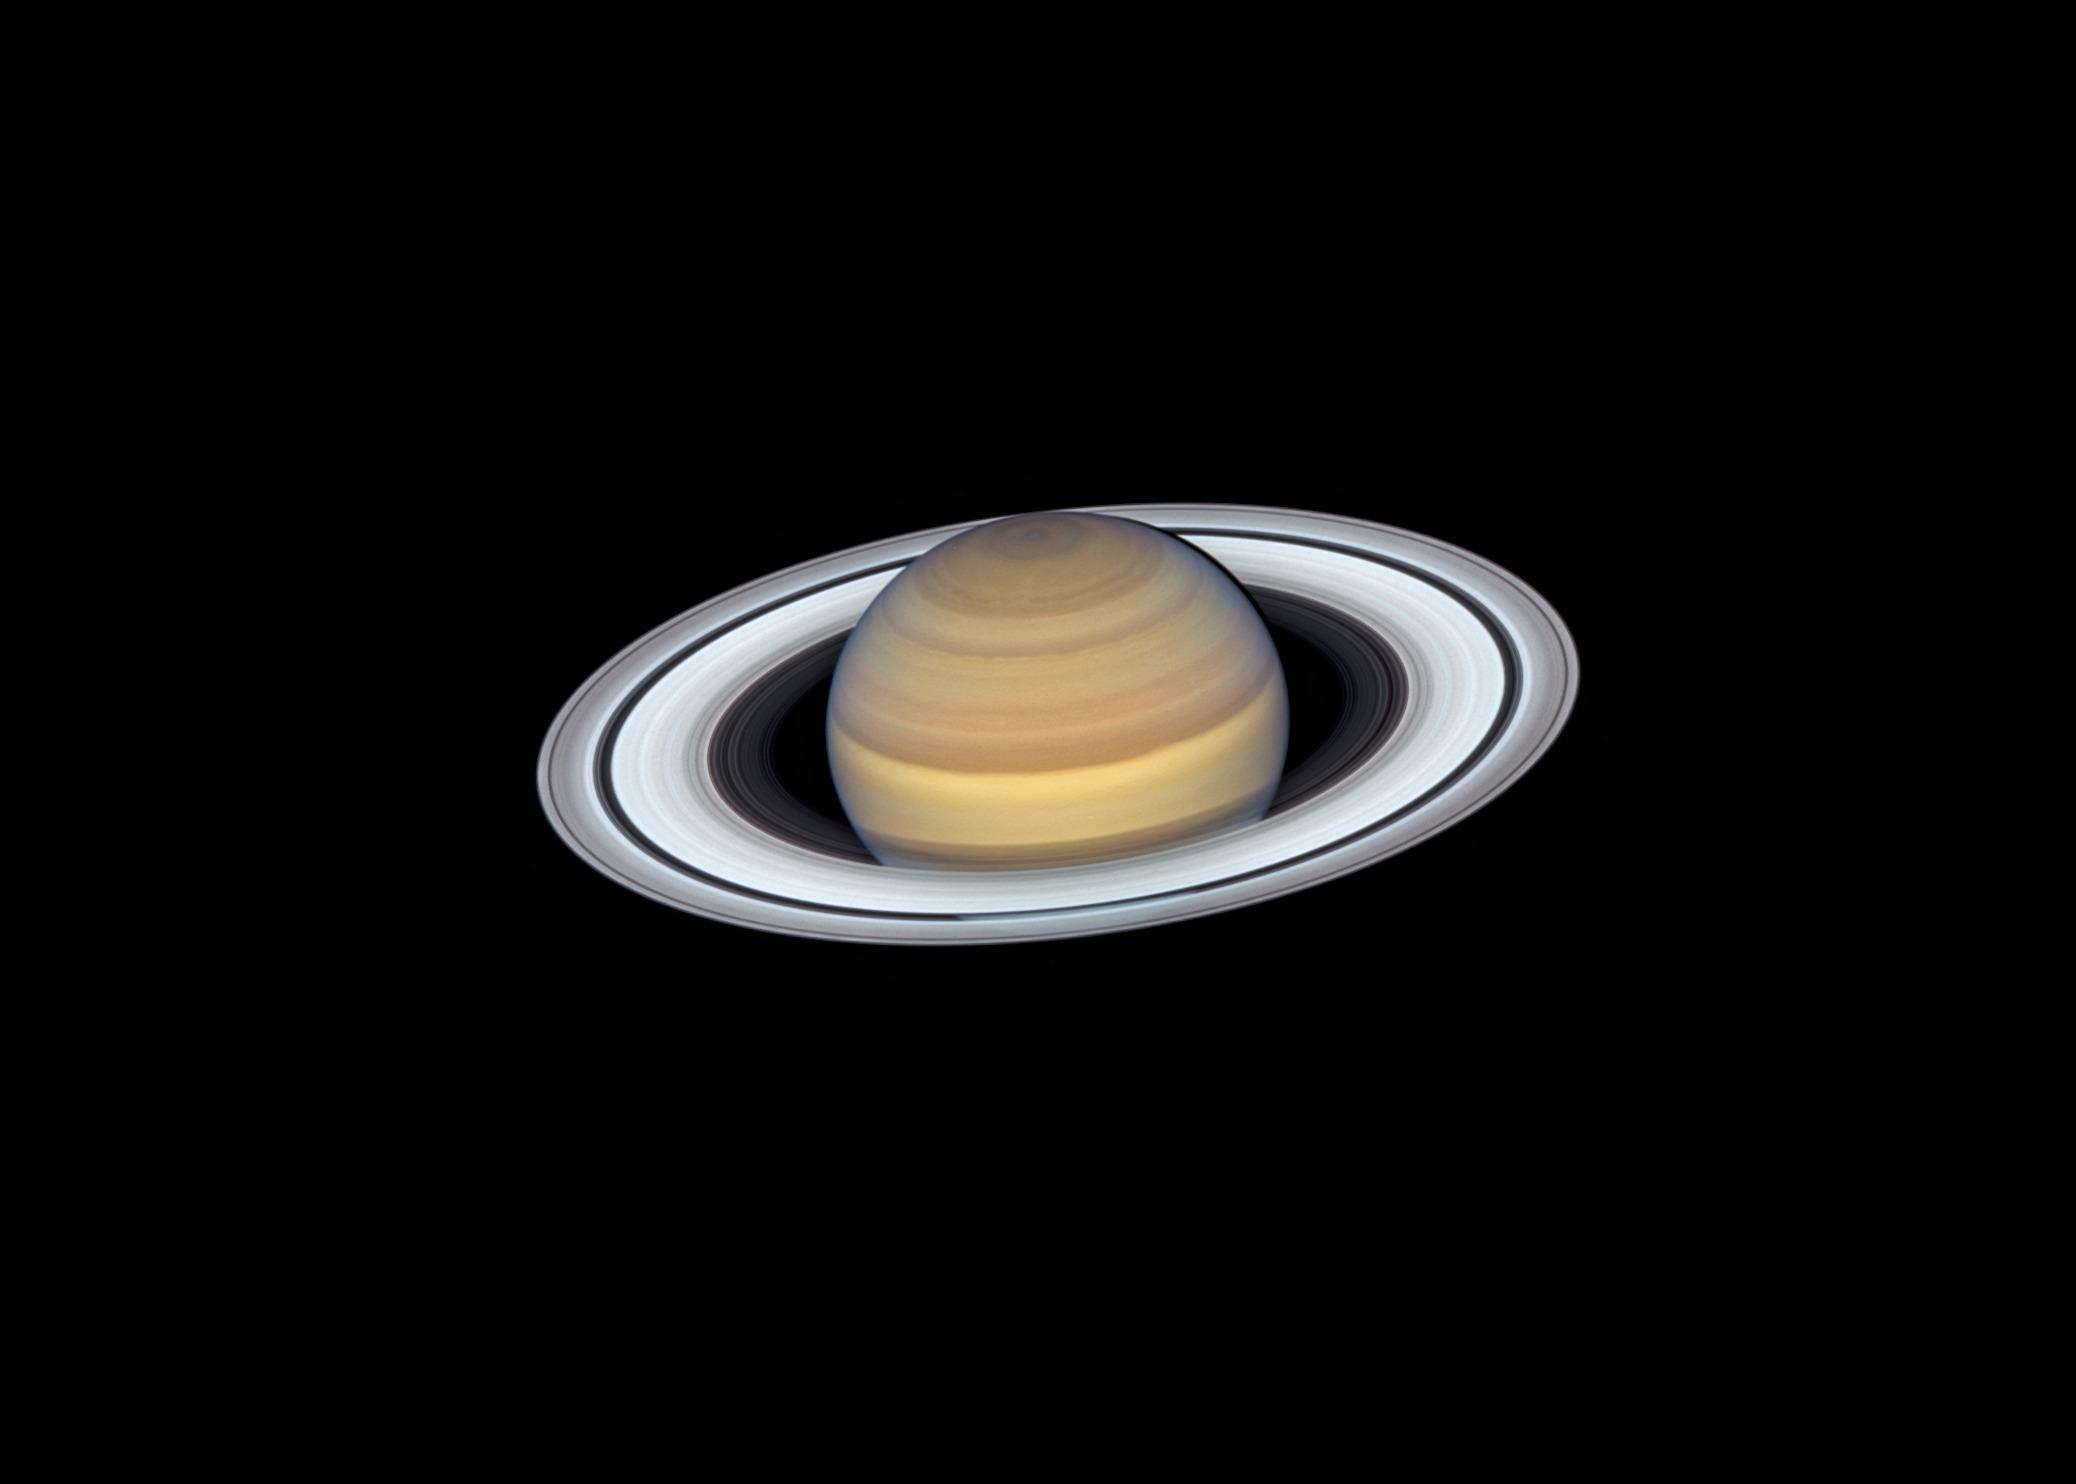 Получен «нереальный» снимок Сатурна